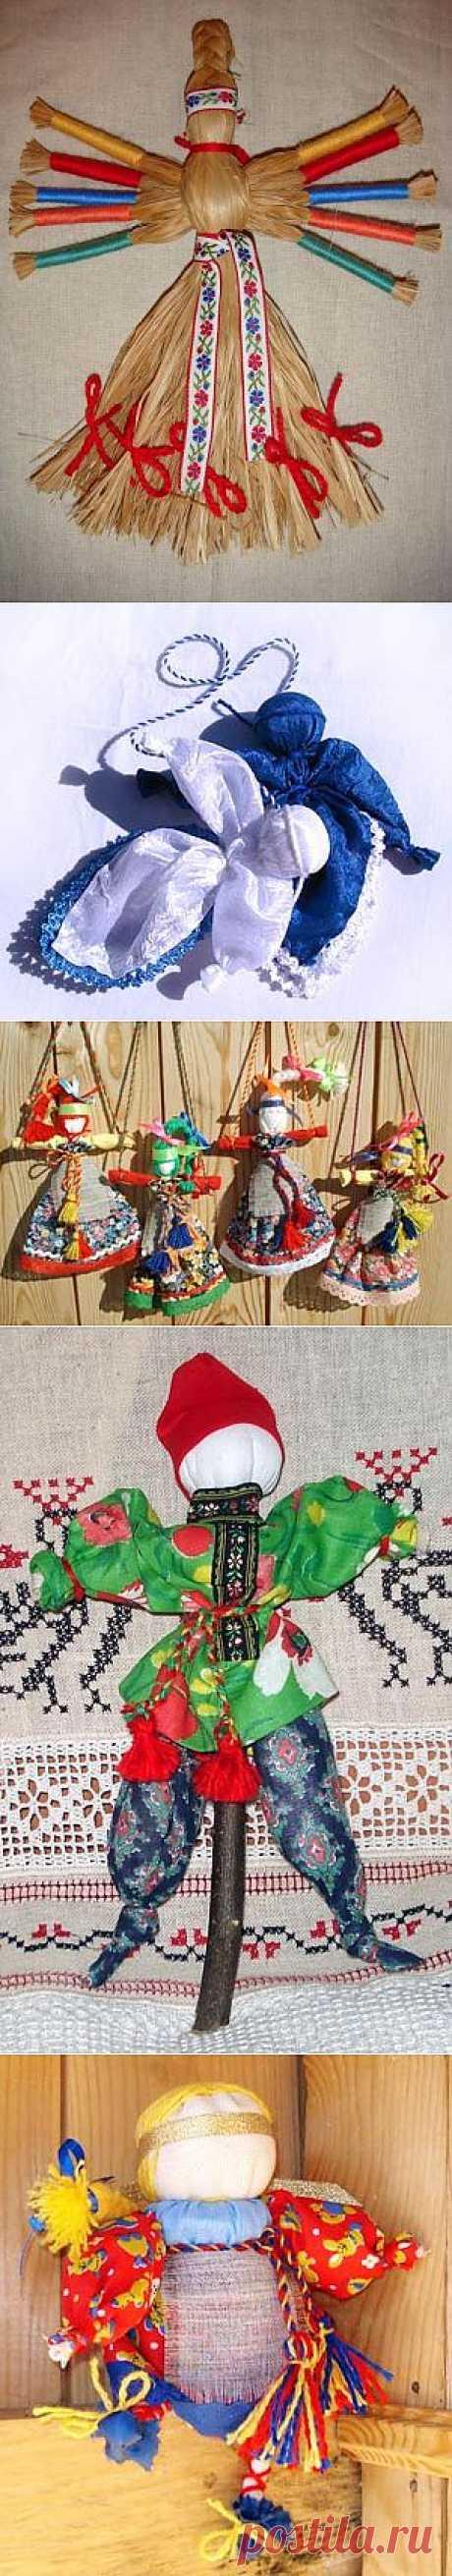 Куклы-обереги в Славянской культуре. Часть 1 / Разнообразные игрушки ручной работы / PassionForum - мастер-классы по рукоделию